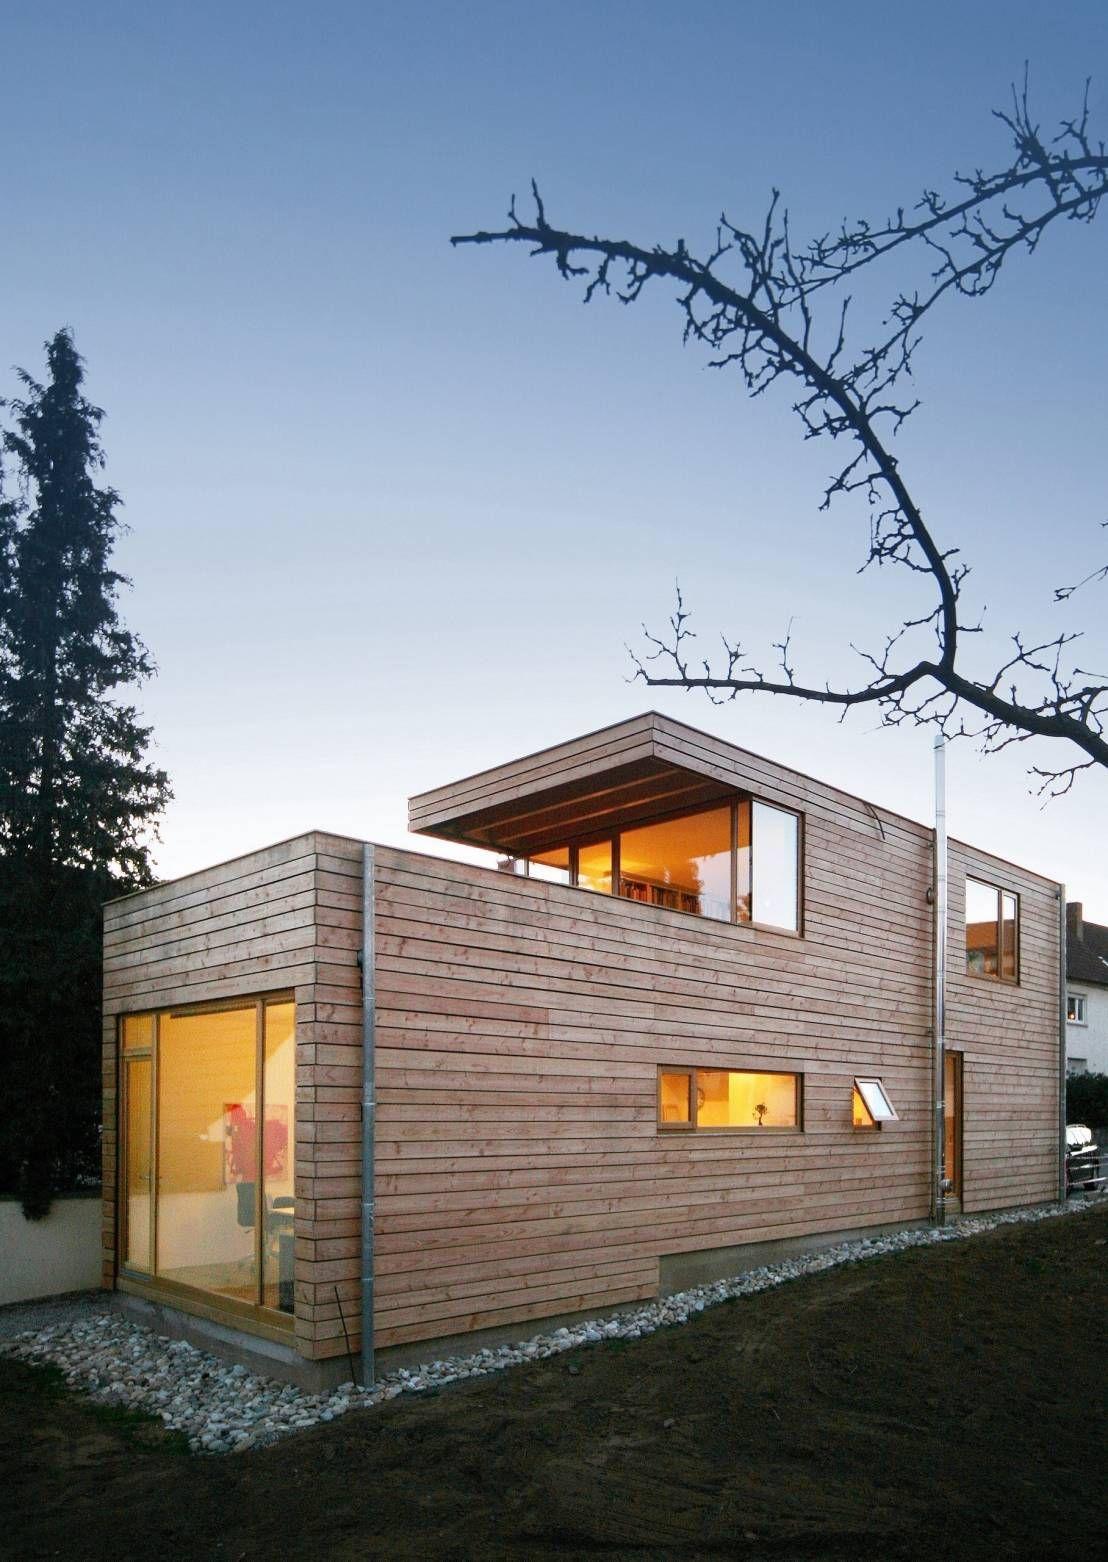 Bauen mit Holz im Innen- und Außenraum #casaspequeñas